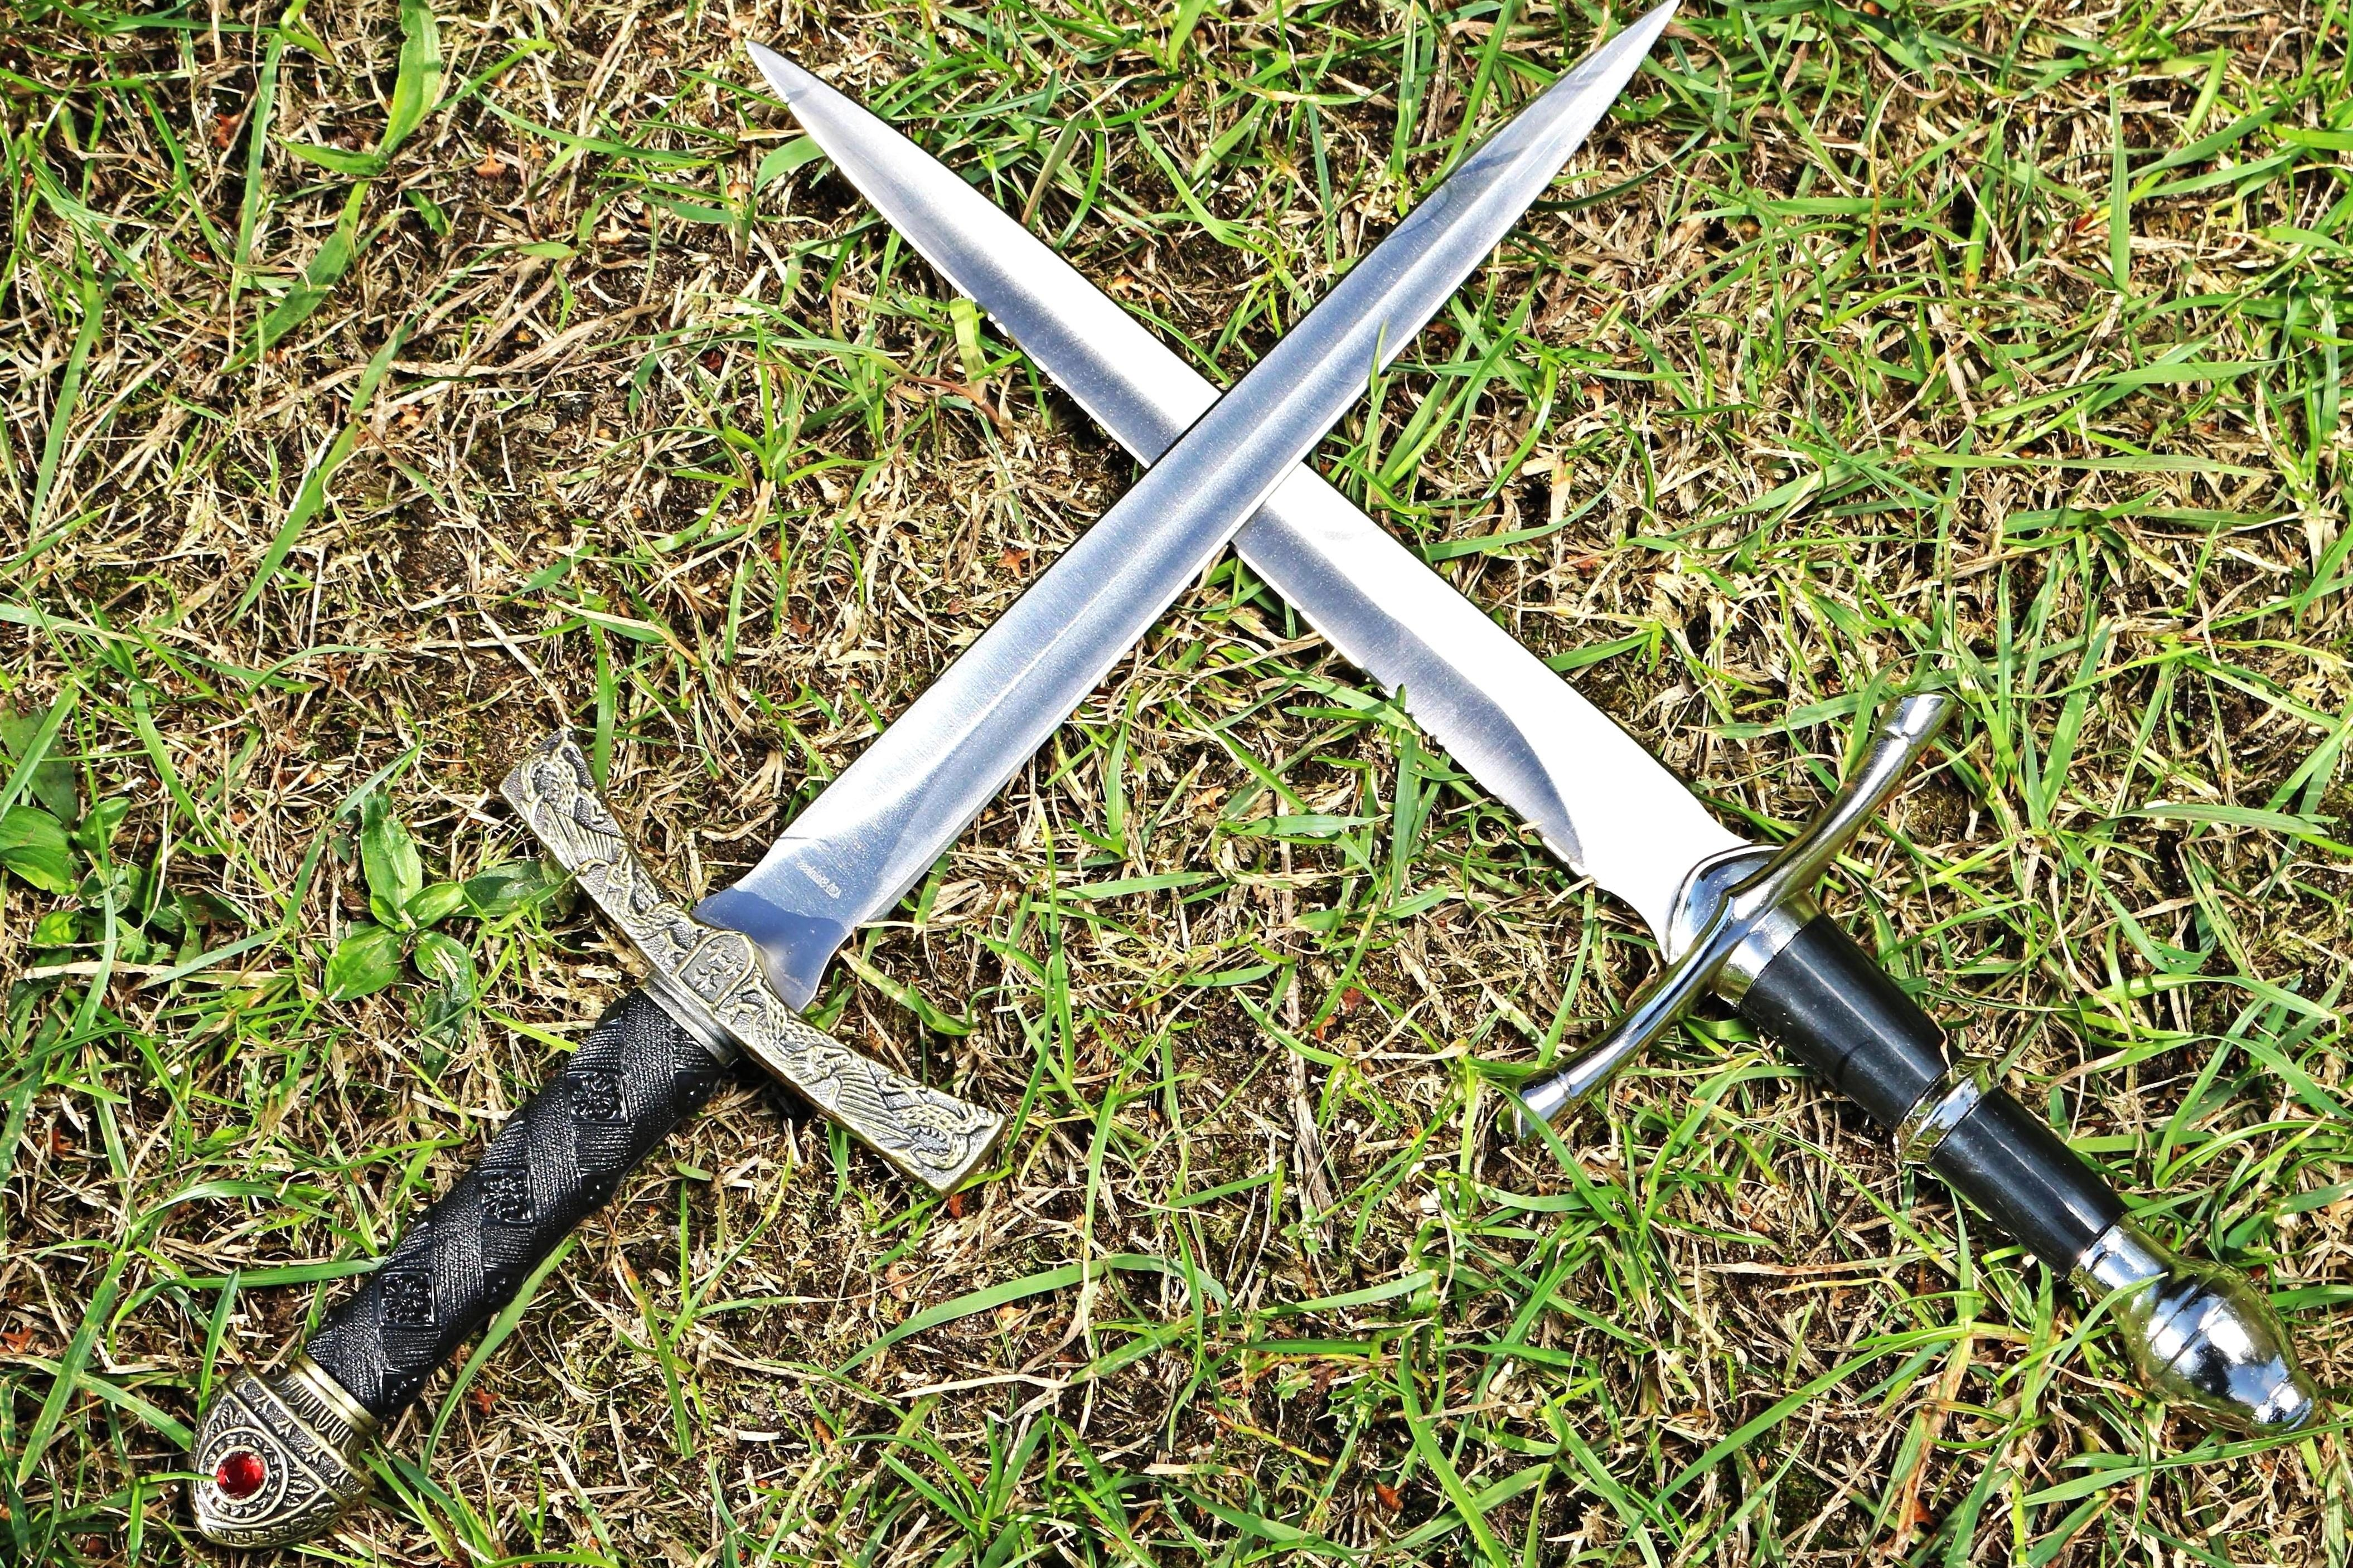 летний сад лучшие образцы мечей фото обитает вблизи